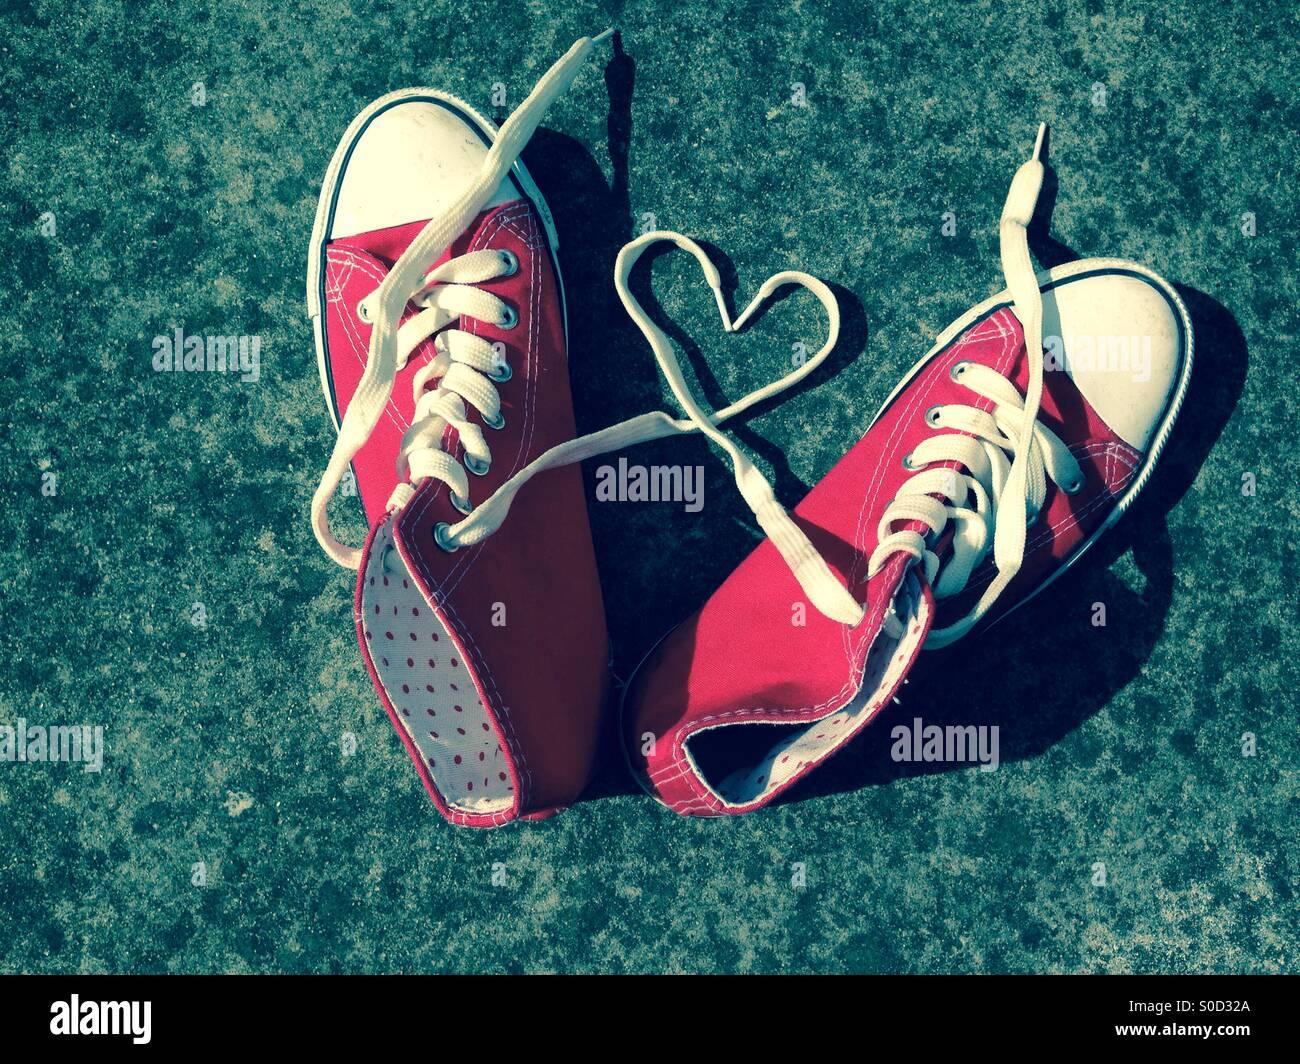 Amor corazón cordones de zapatos deportivos botas de béisbol roja con forma de corazón Imagen De Stock